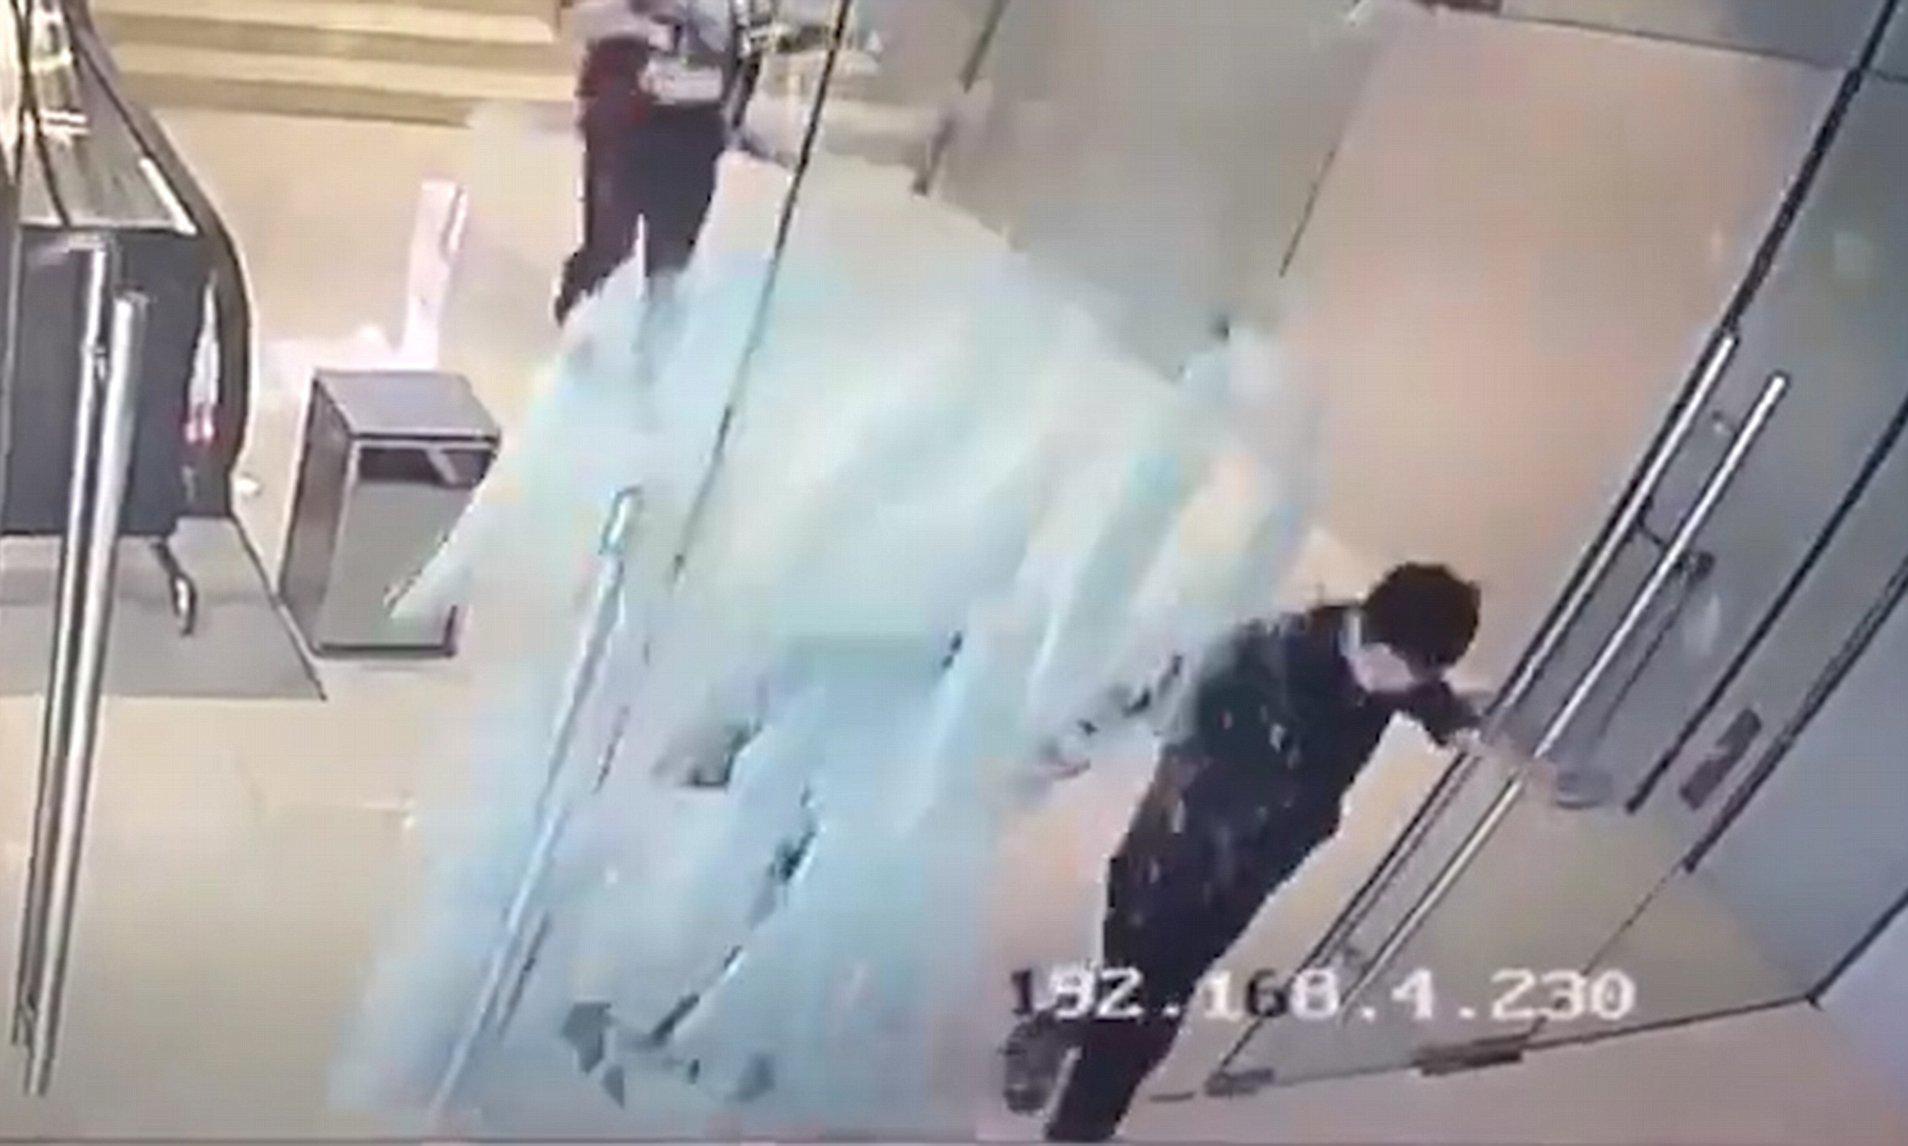 بالفيديو.. رجل خارق يحطم زجاجا بلمسة